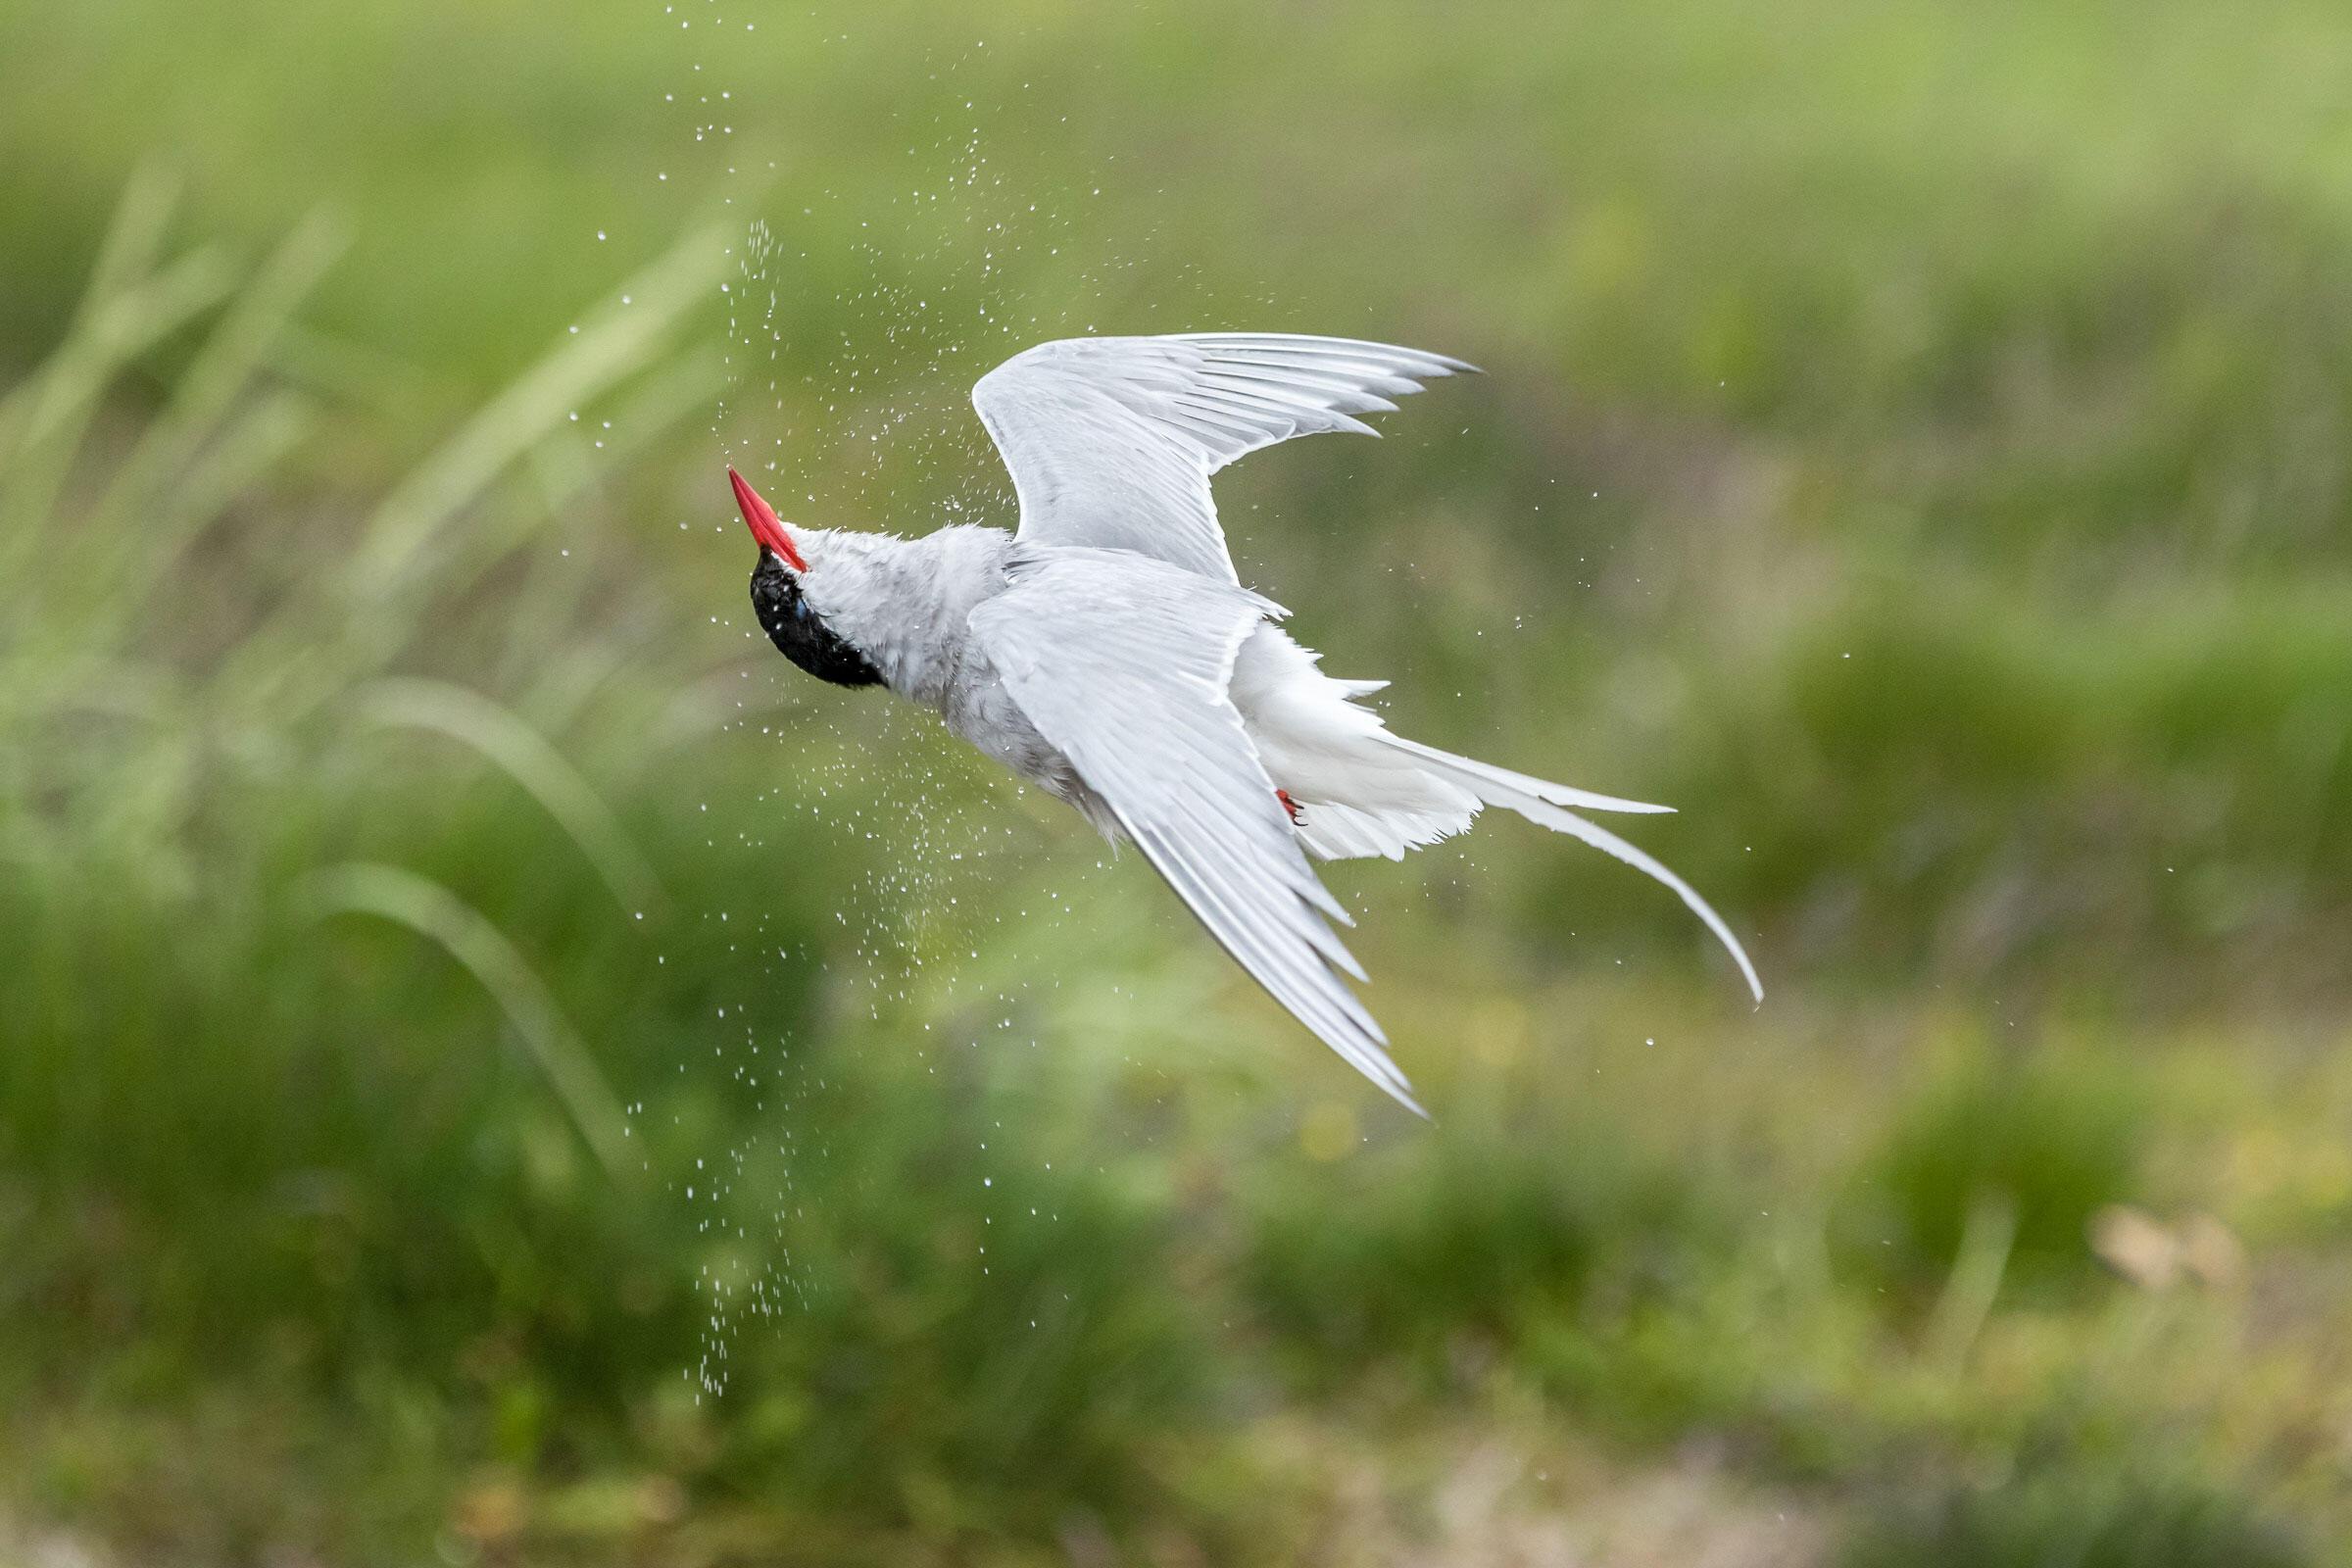 Arctic Tern/Amateur Category. Catherine Dobbins Dalessio/Audubon Photography Awards